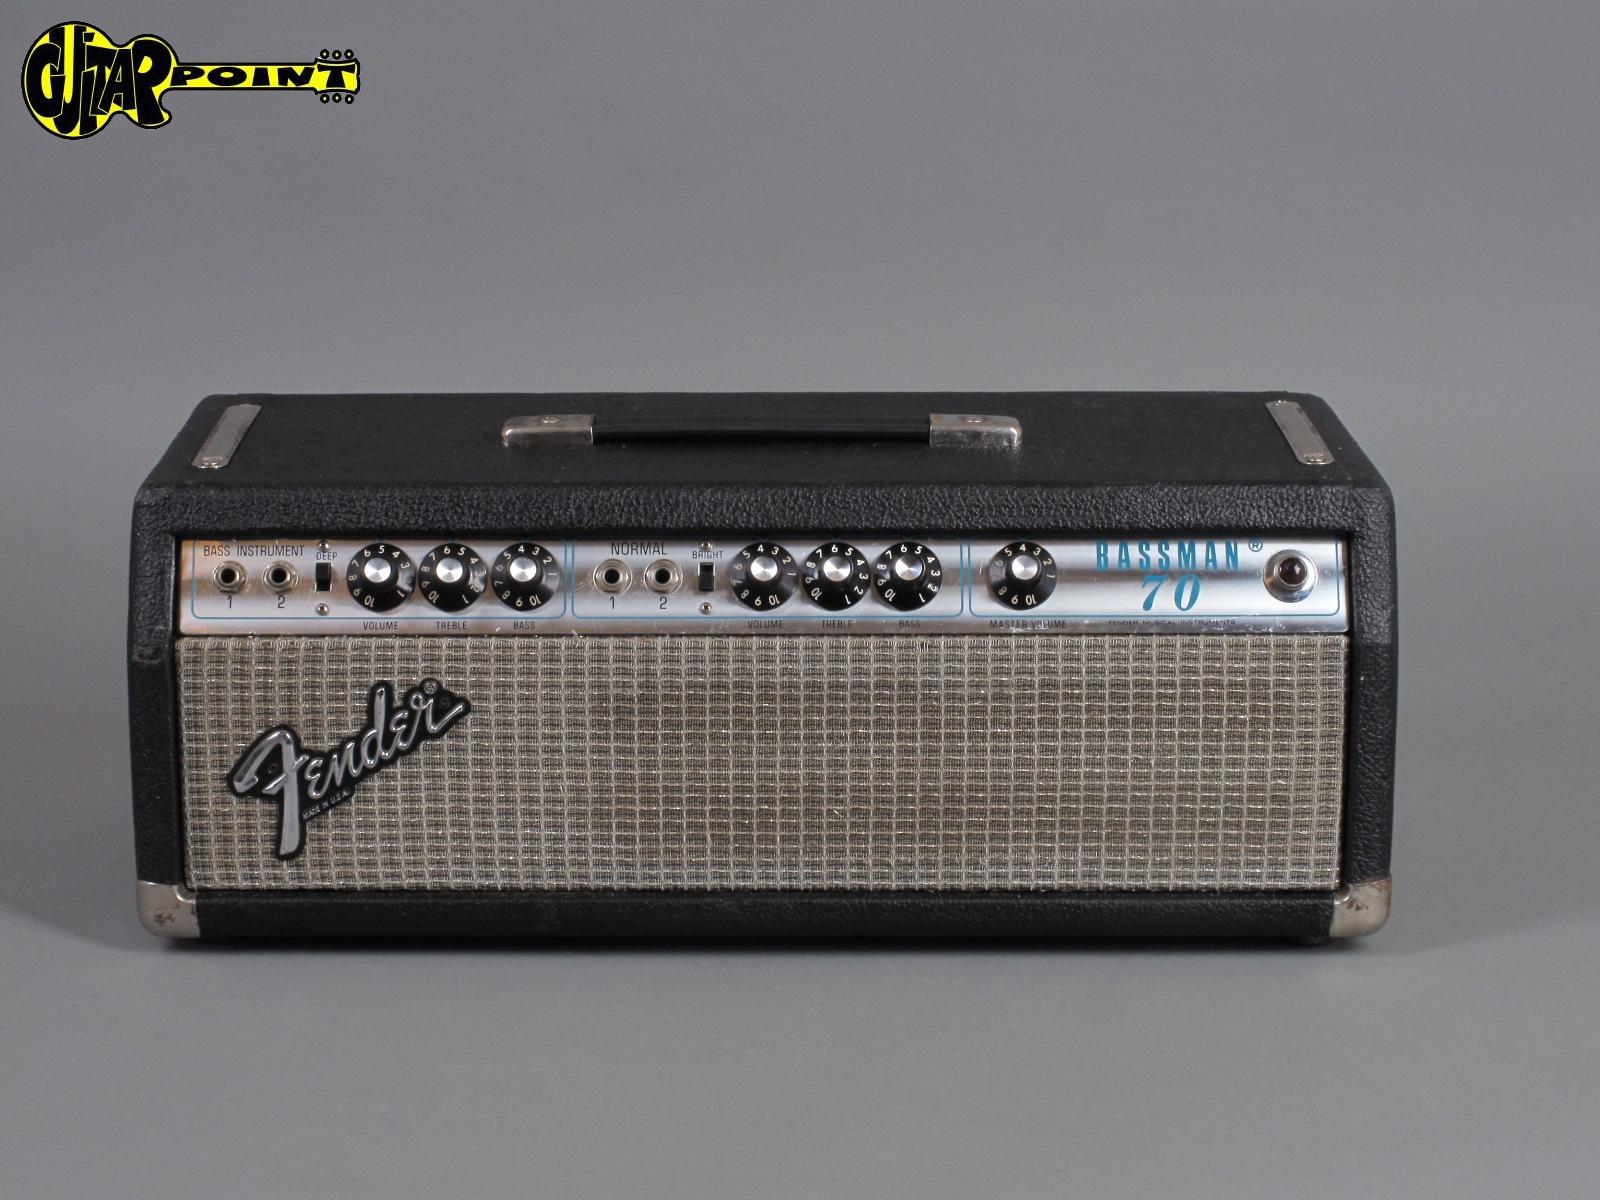 1979 Fender Bassman 70 - Silverface